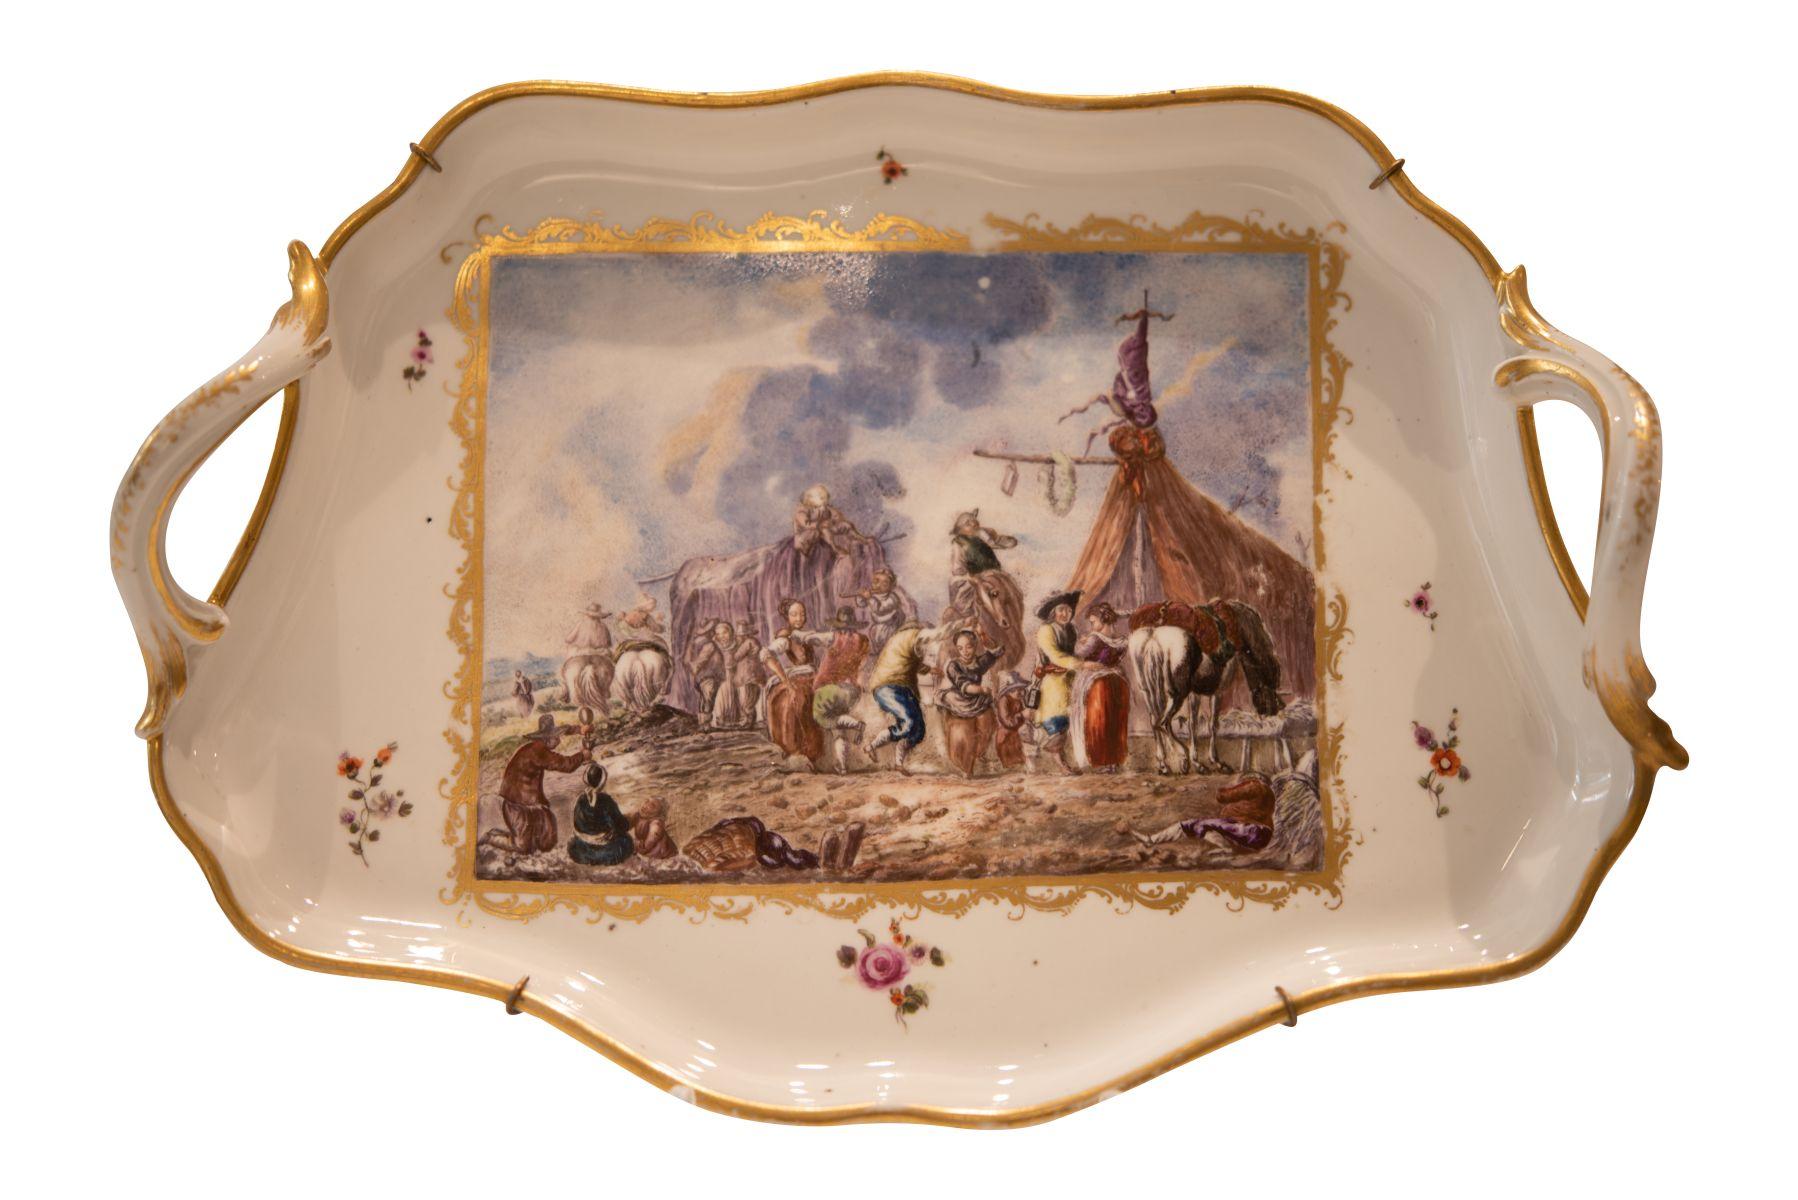 #262 Présentoir Imperial Manufactory Vienna, 2nd half of the 18th century | Presentoir Kaiserliche Manufaktur Wien, 2. Hälfte 18. Jahrhundert Image